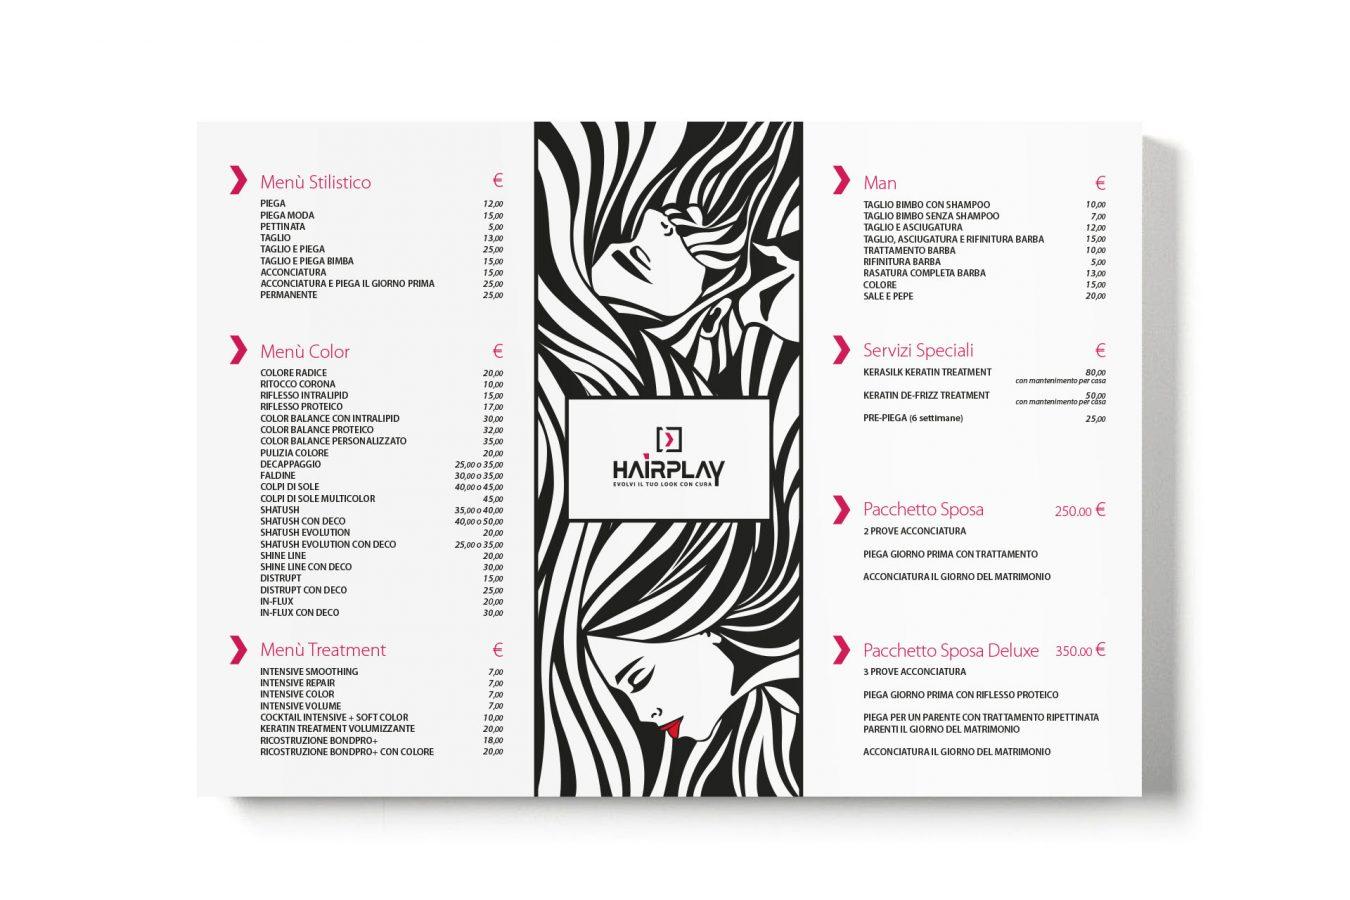 Locandine, Flyer, Manifesti, Poster, Grafica Pubblicitaria Campobasso